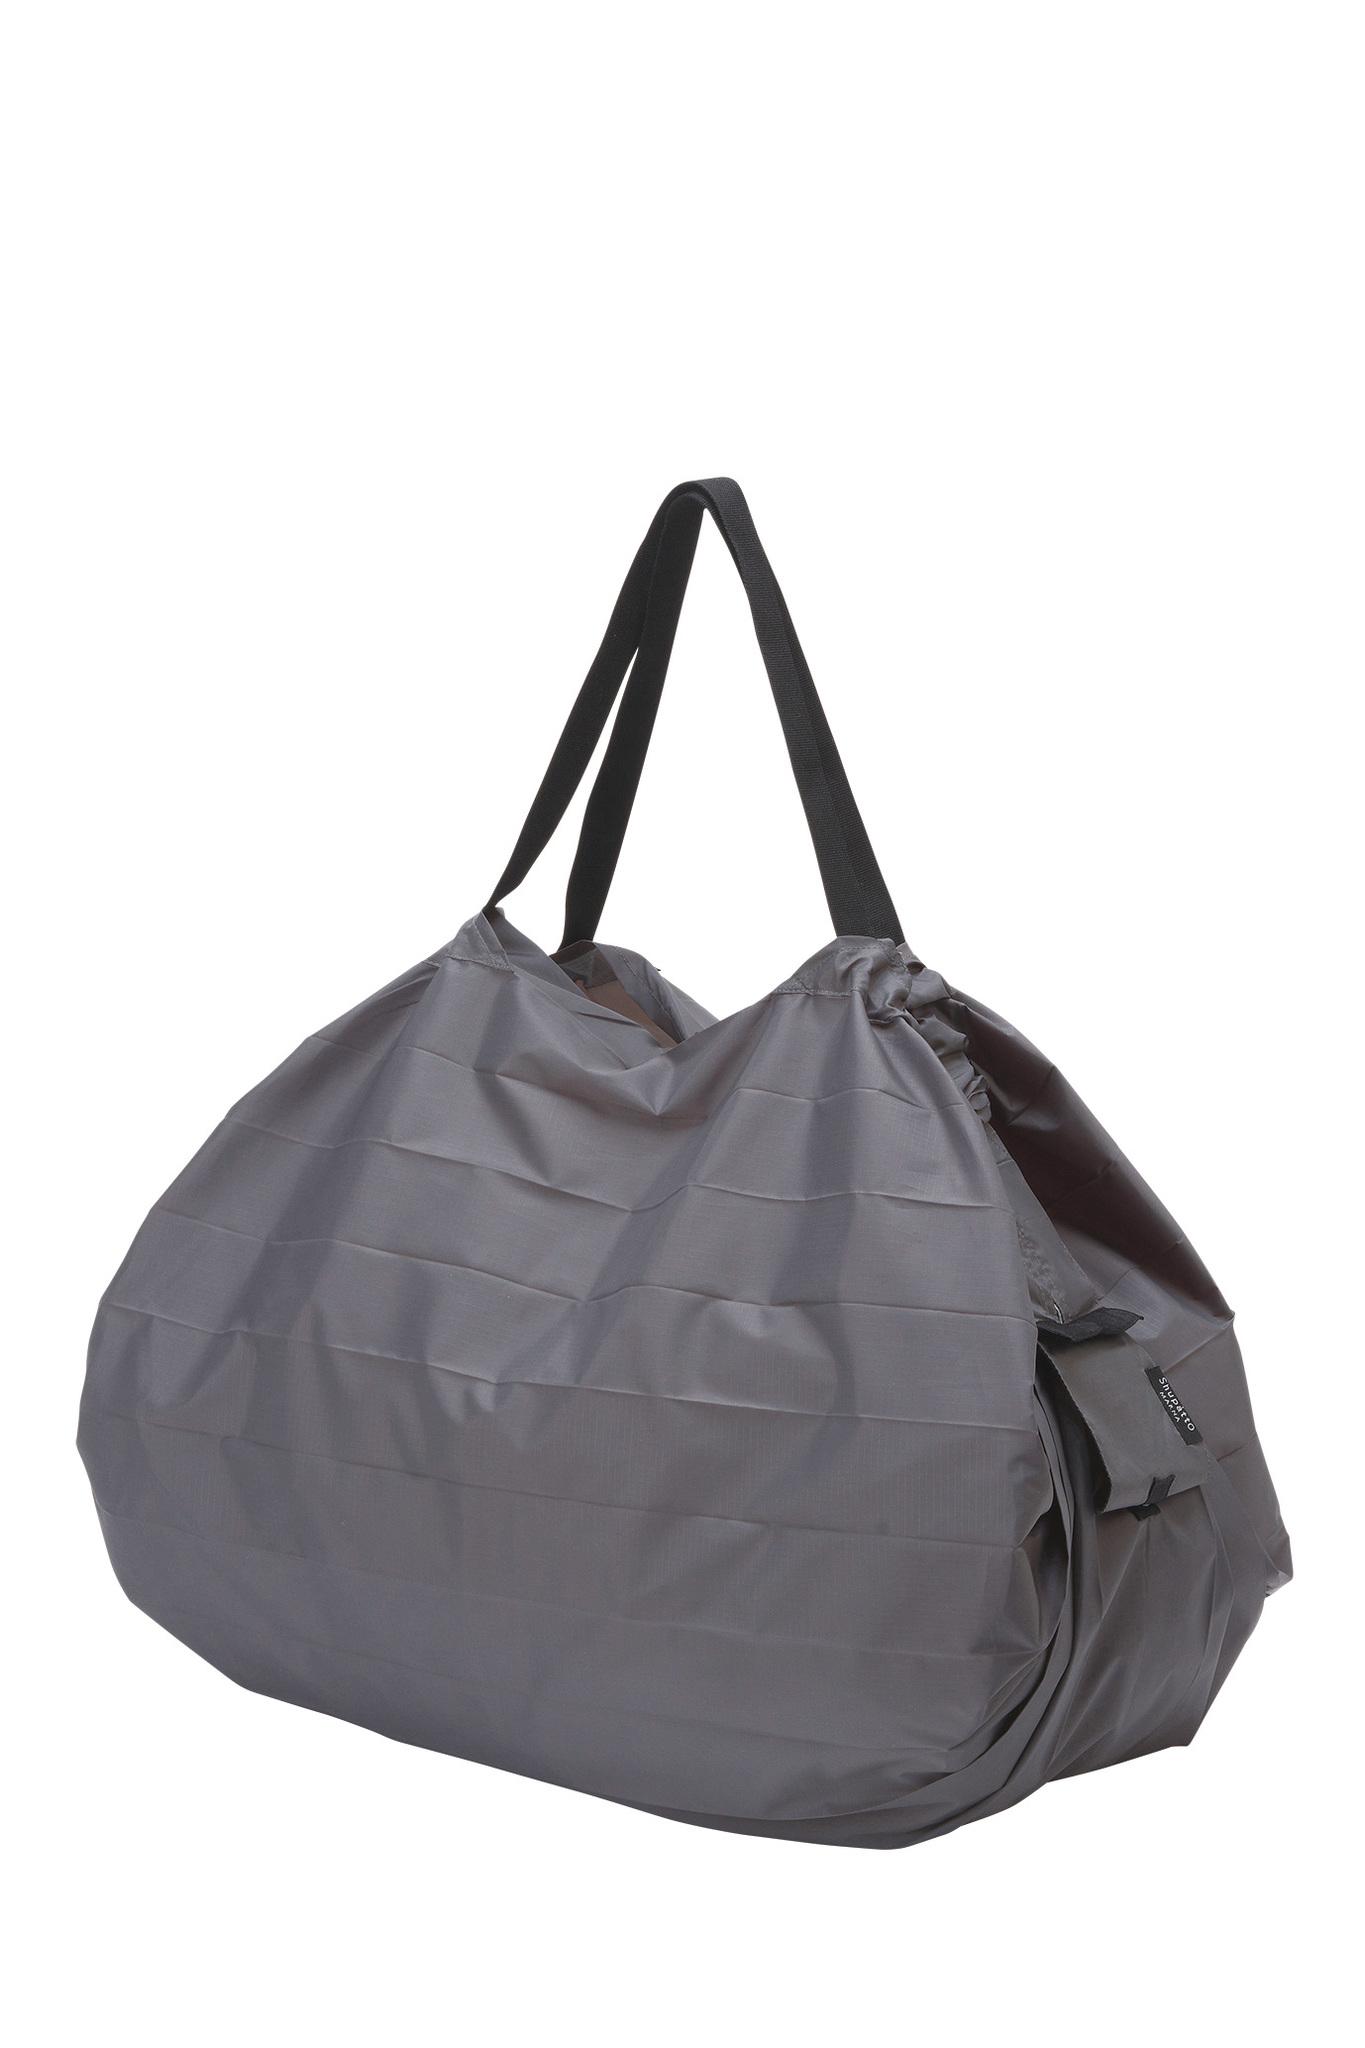 SUMI (Charcoal), Grau, Gröss L - gefaltet 10x6.5 c